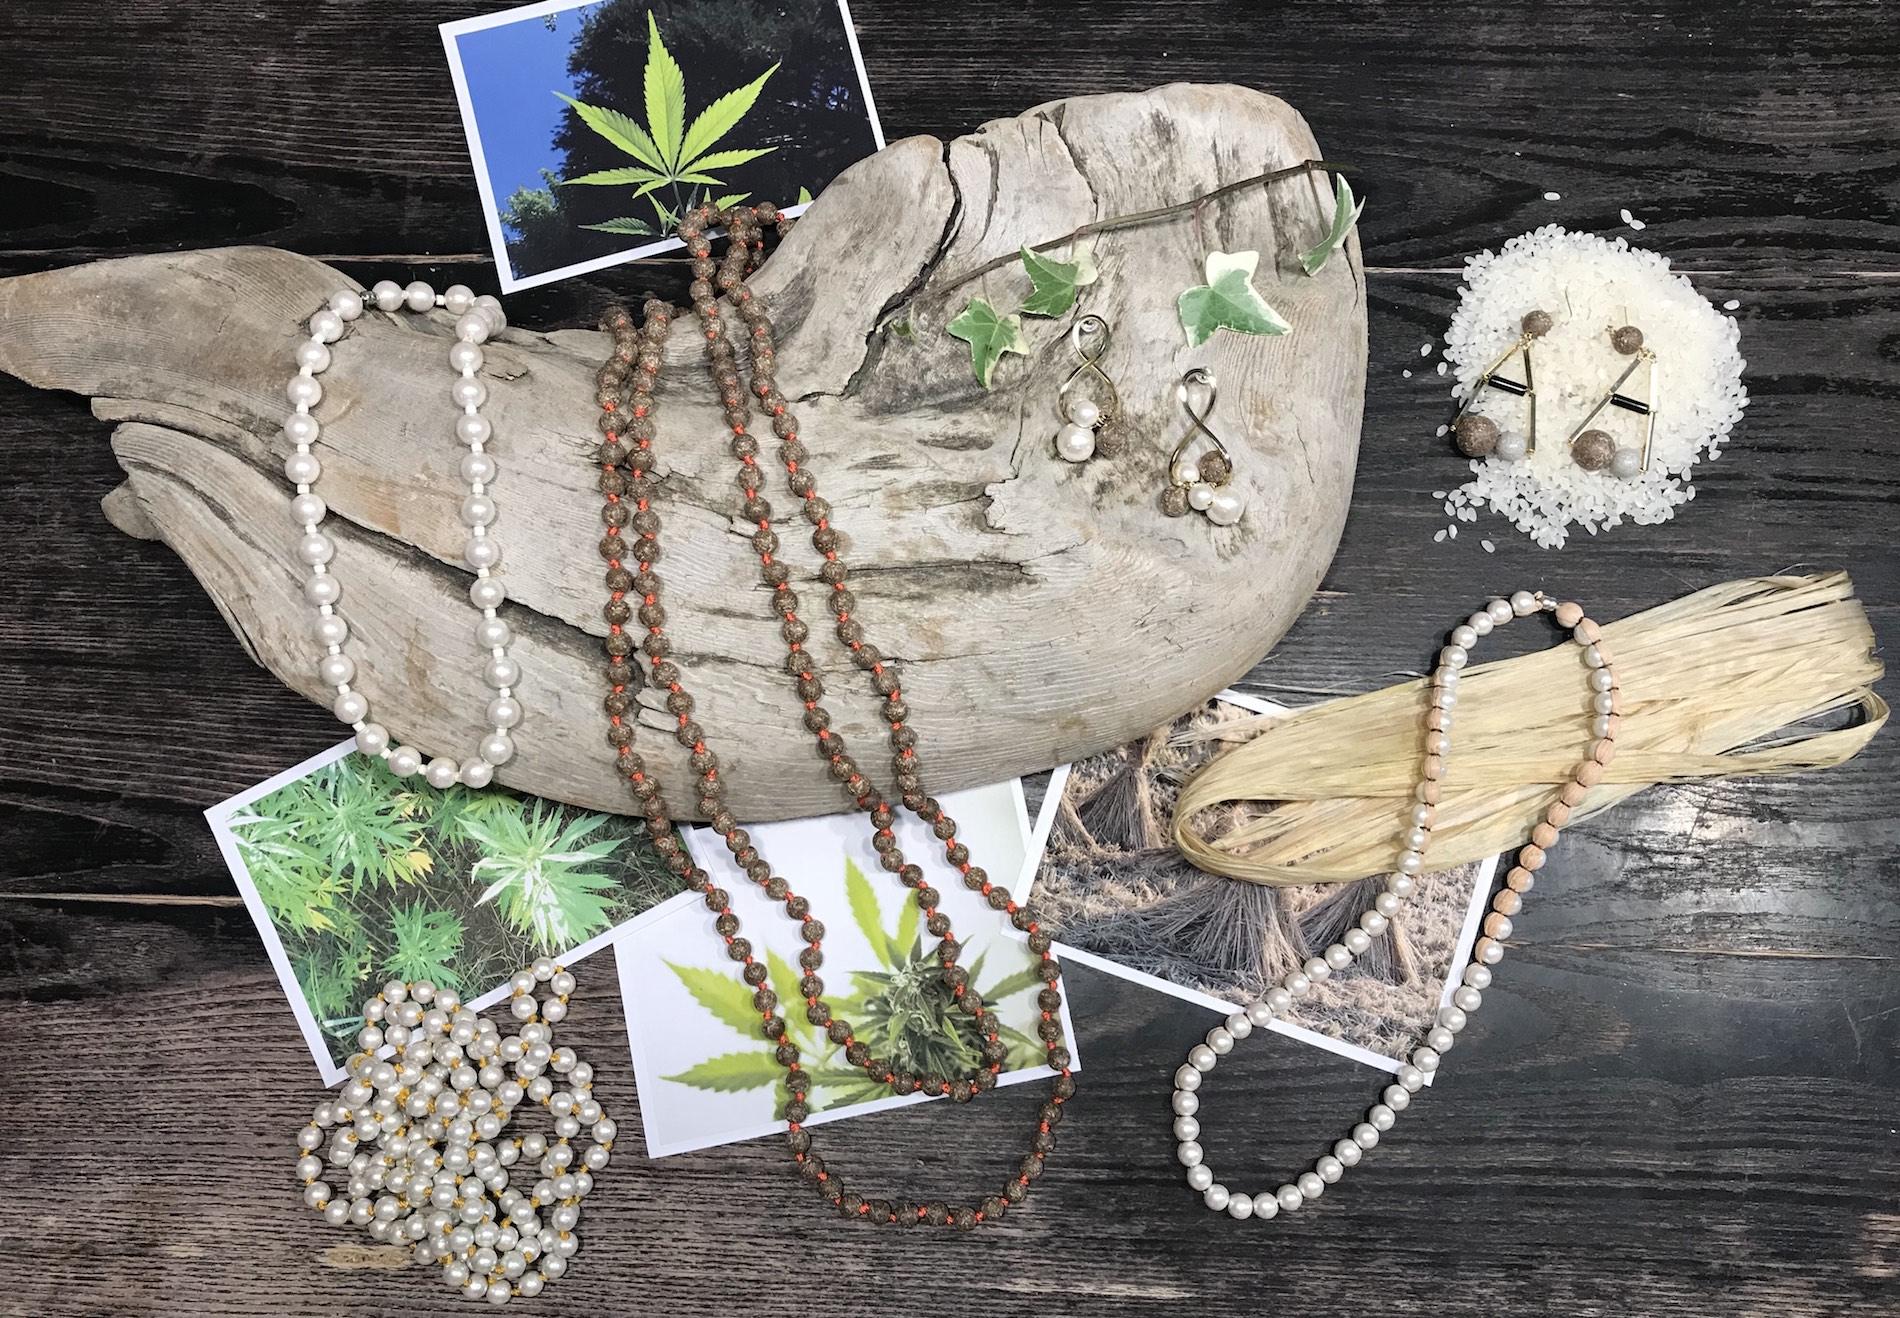 自然との共生共存を目指す未来型のサスティナブルな米と麻でできた樹脂、メイド・イン・ジャパンの「INASO」アクセサリー